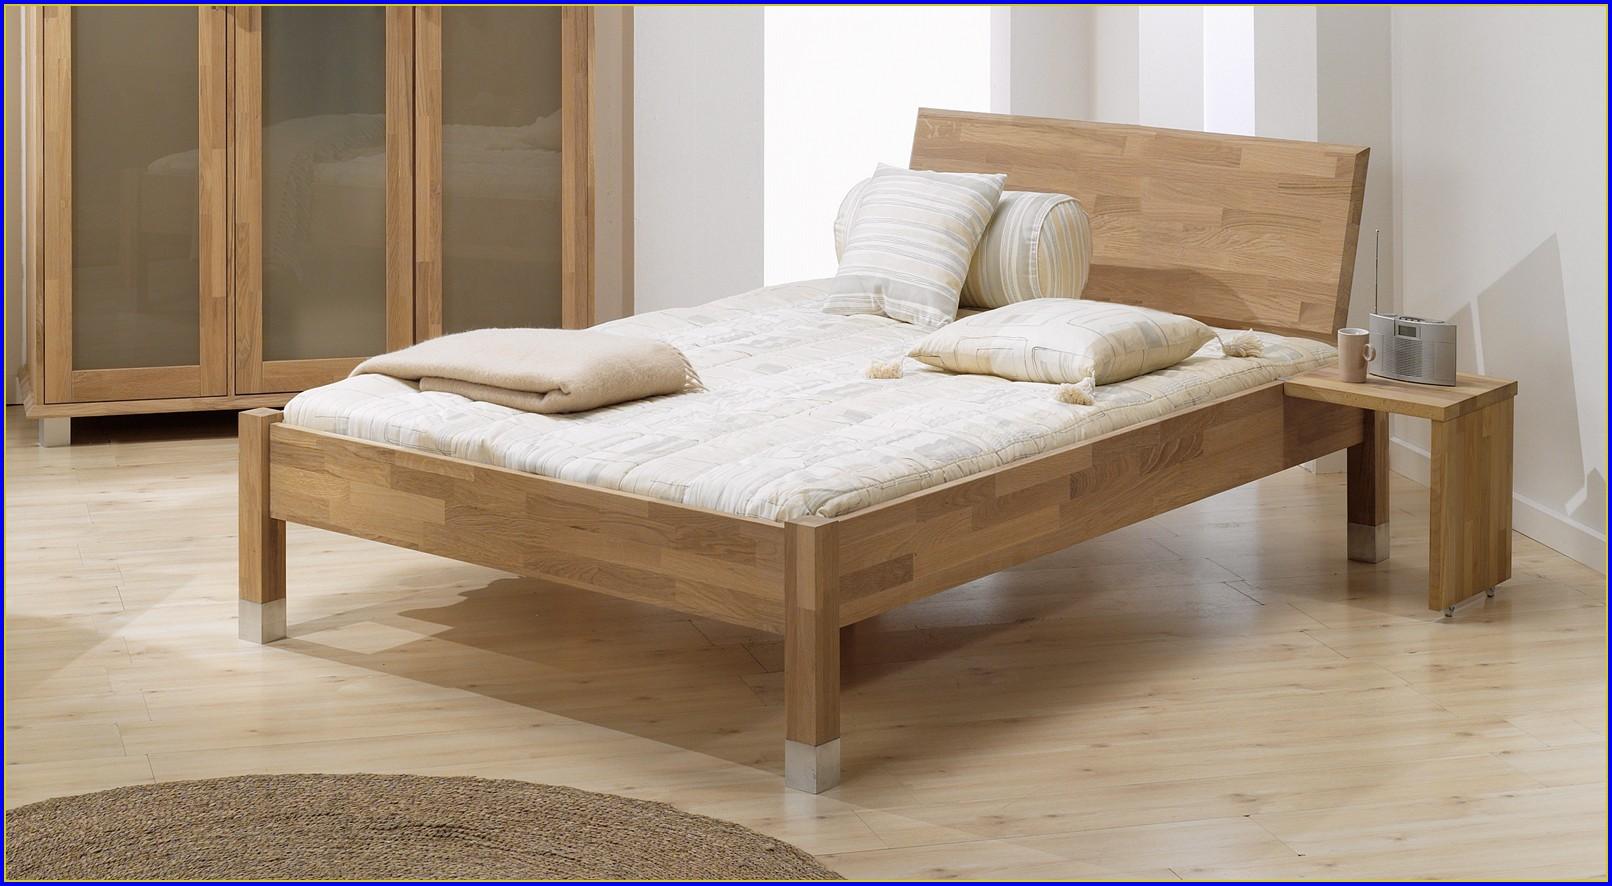 Ikea Aneboda Bett Montageanleitung